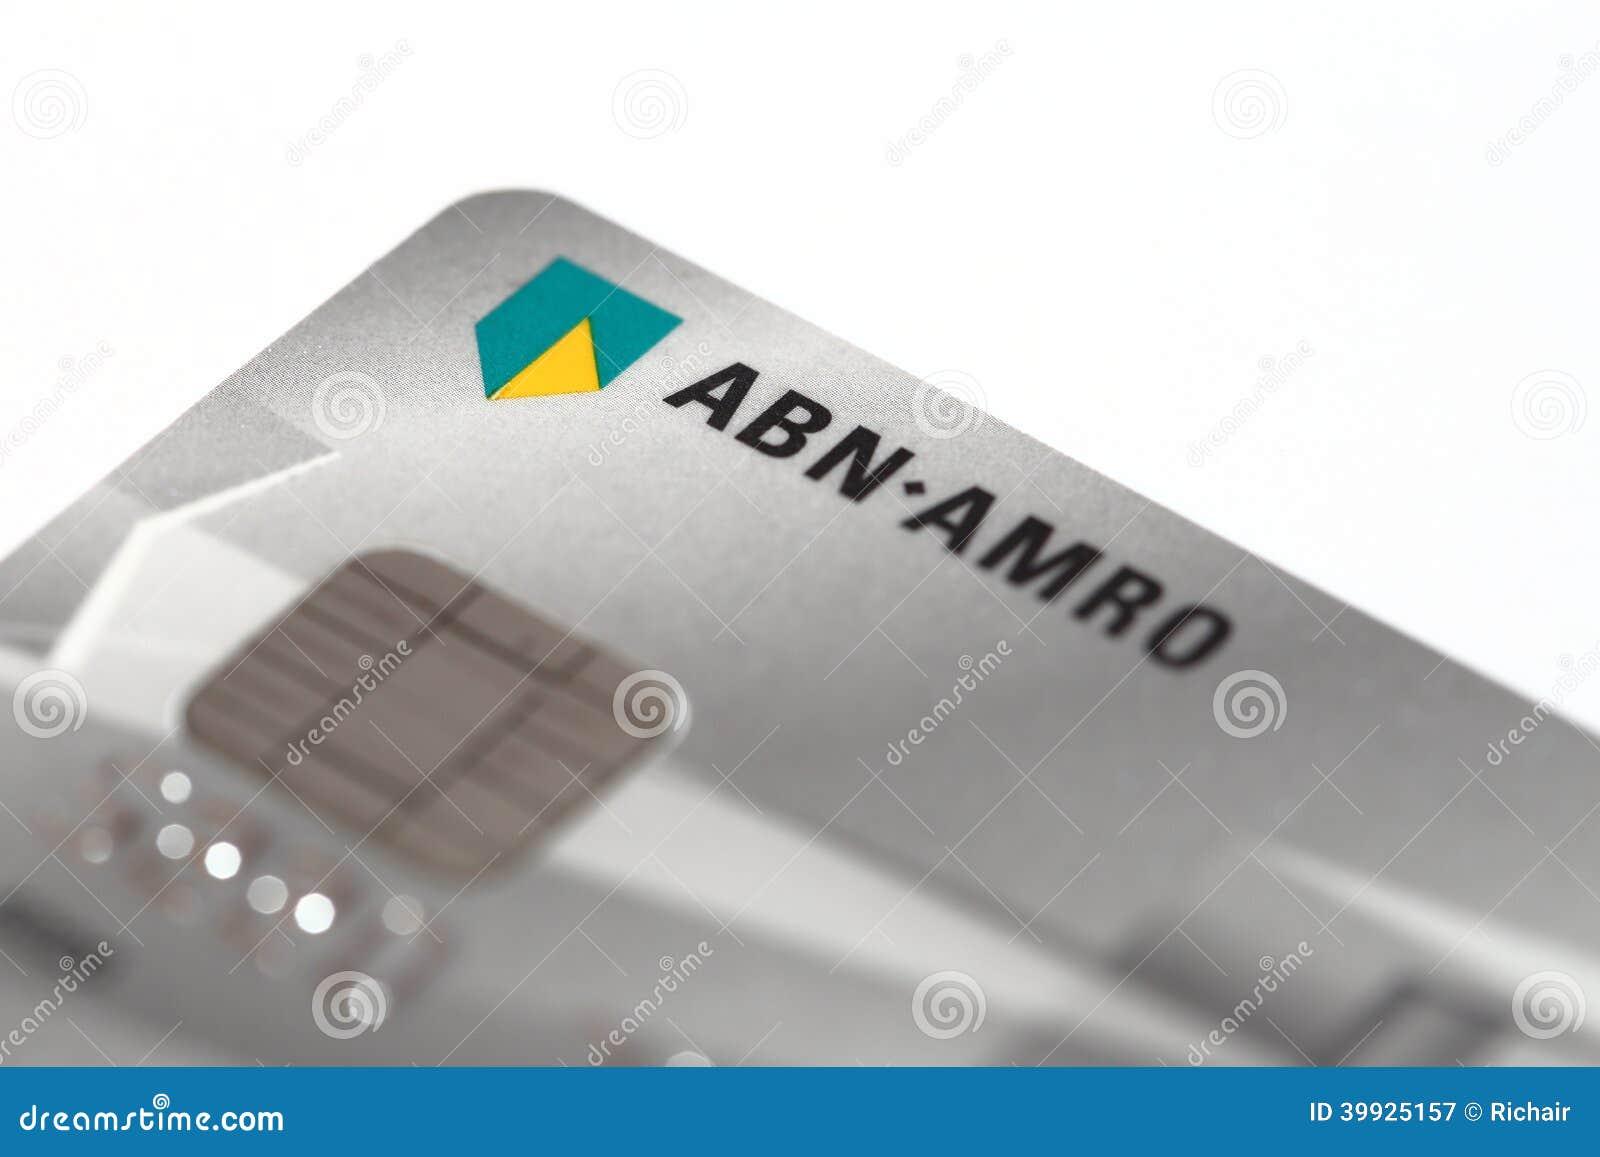 Tarjeta de crédito de ABN AMRO